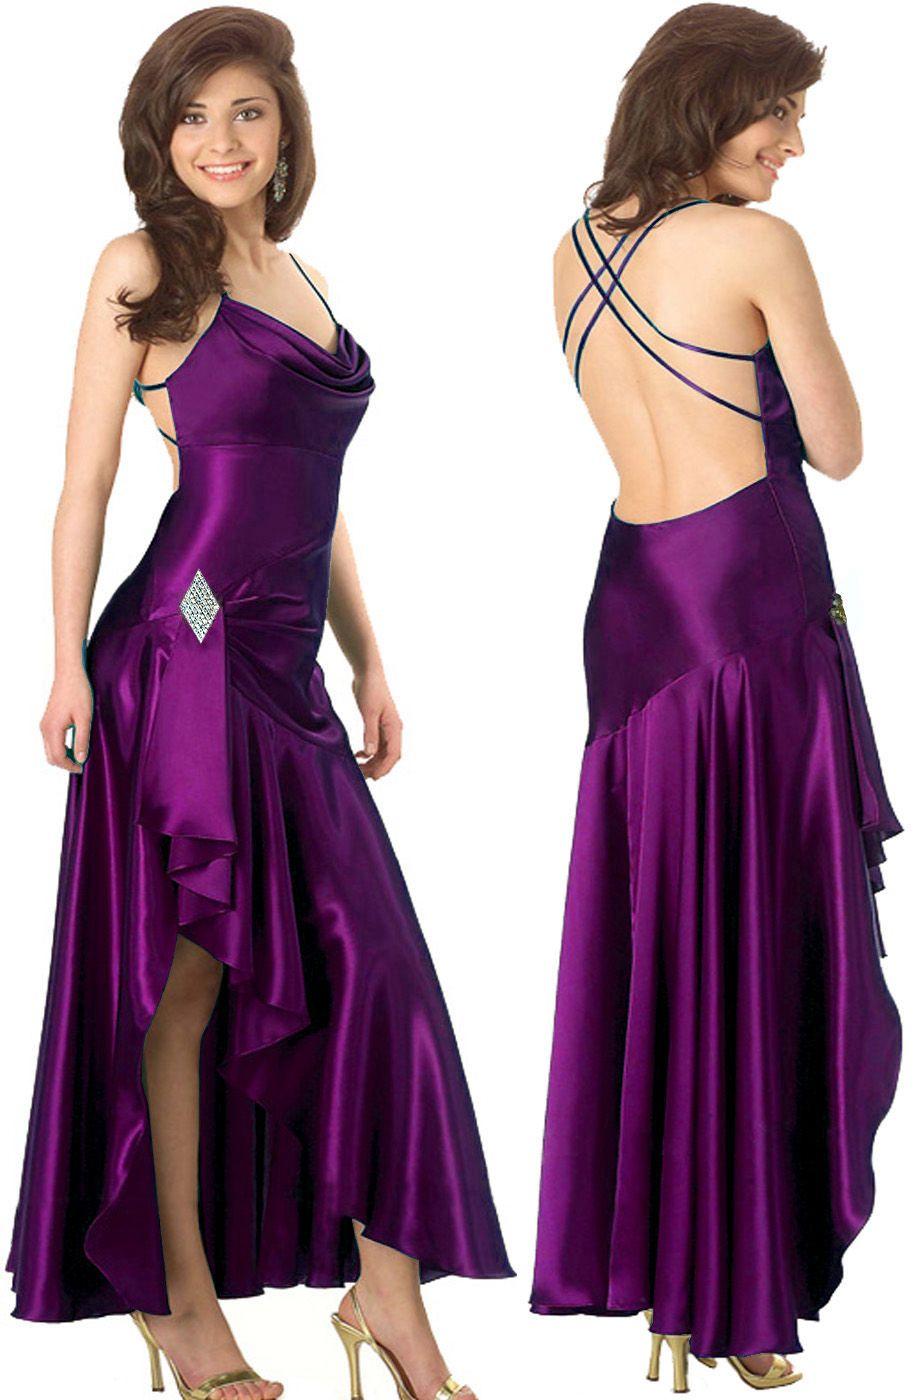 en-guzel-mor-abiye-elbise-modelleri-13 | Abiye Elbise Modelleri ...